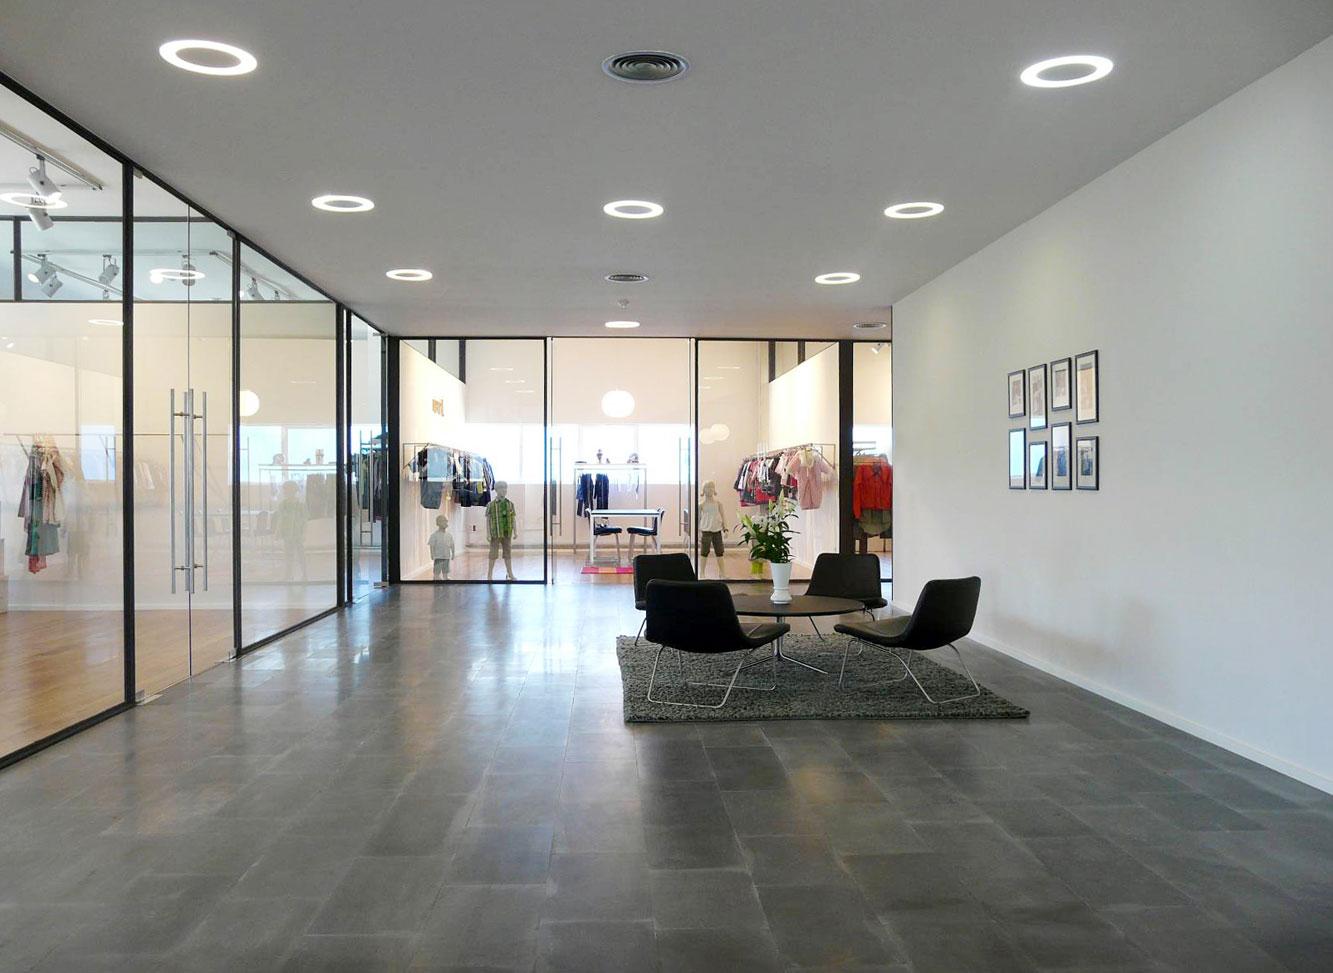 Reforma de la sede de BestSeller Vigo, diseñado por MEHR studio